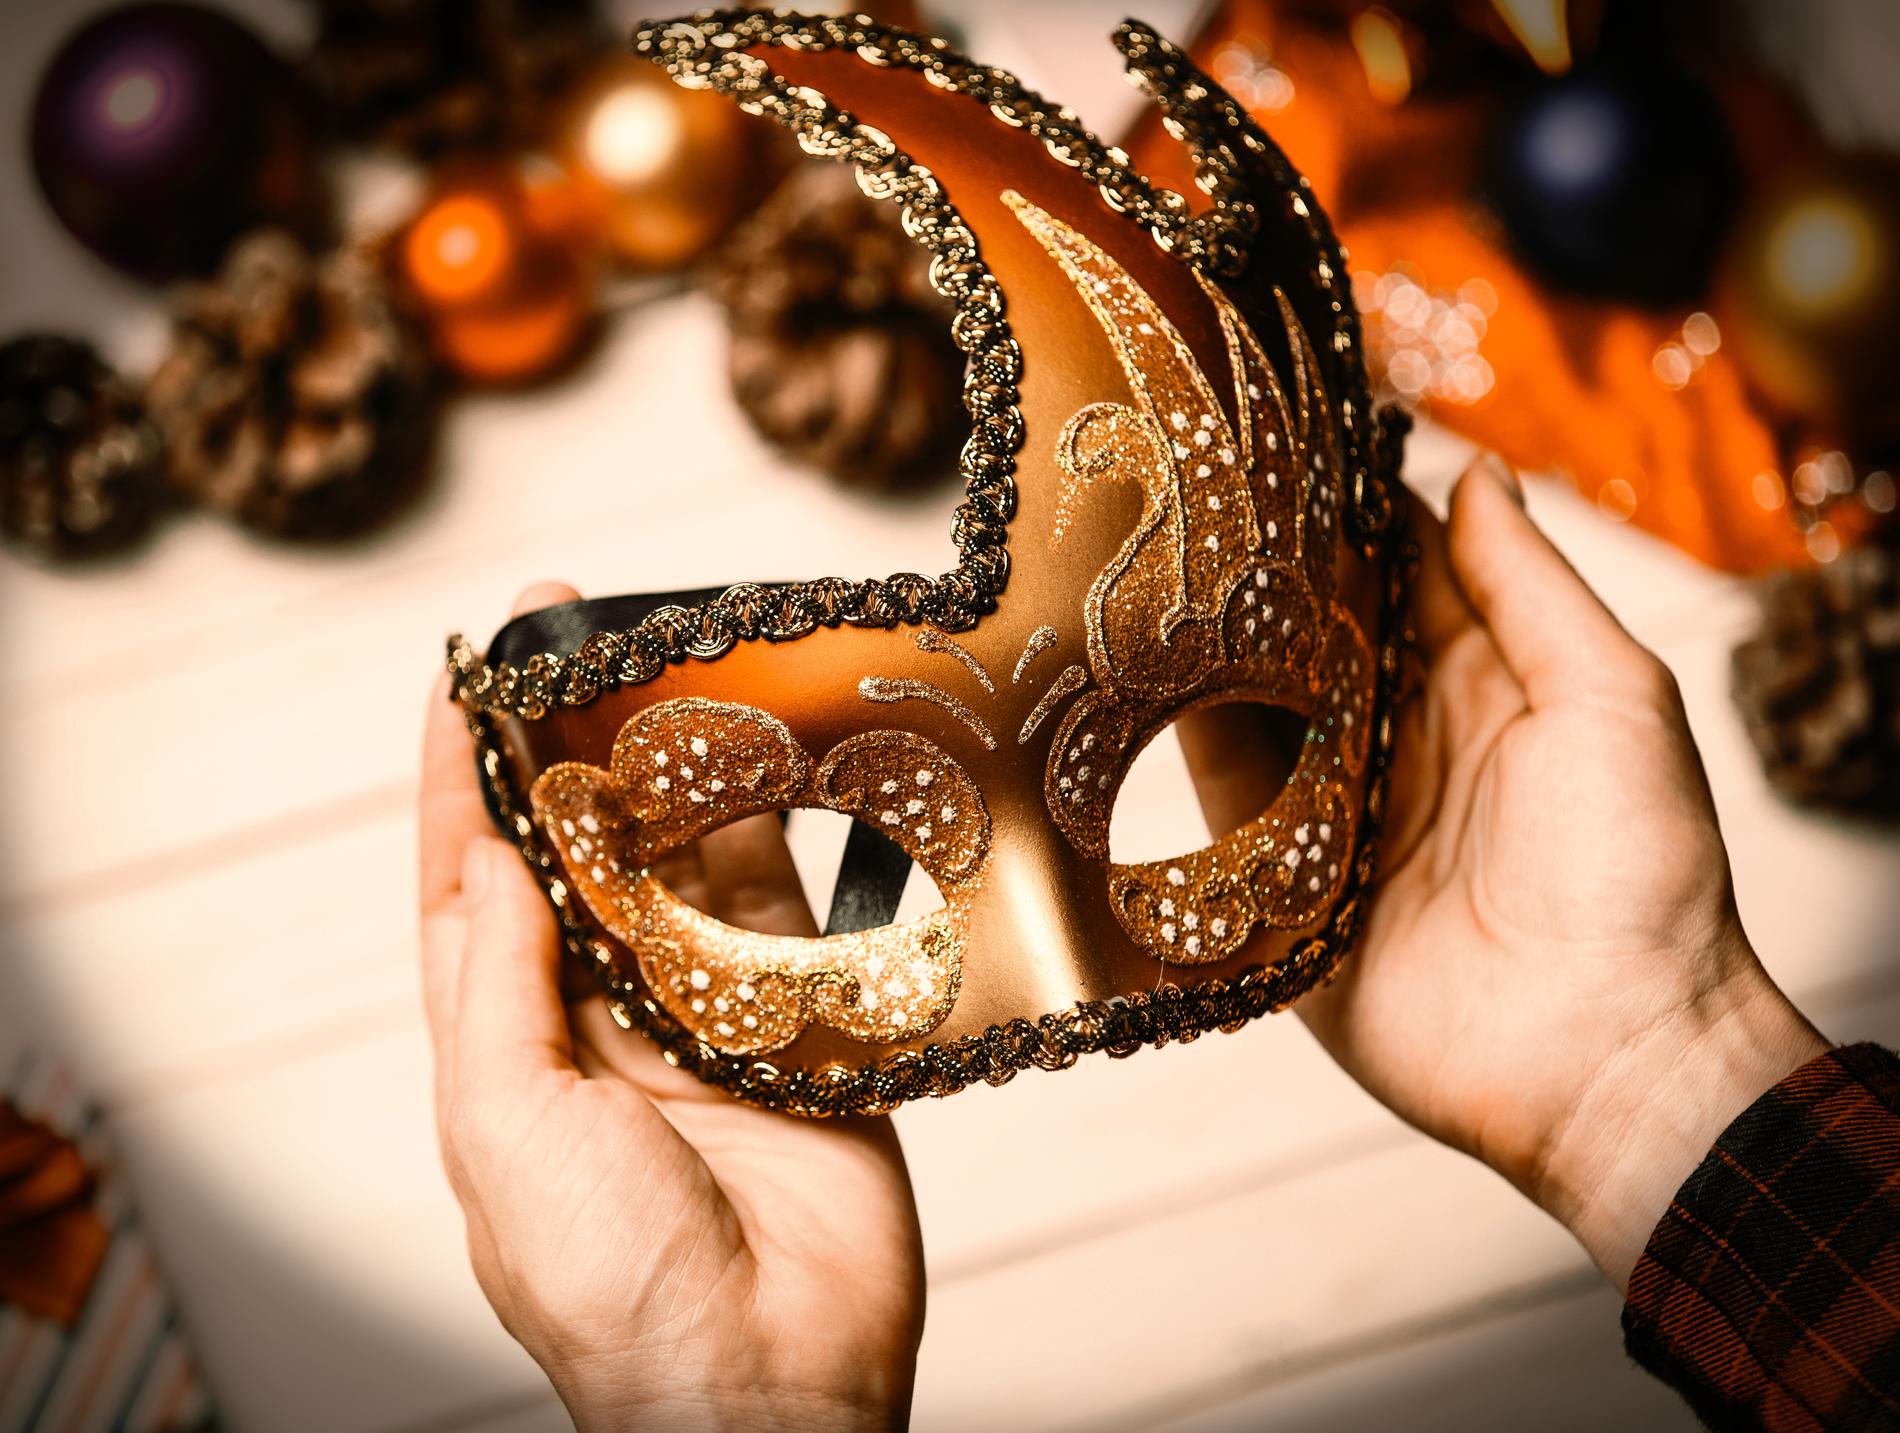 Kädet pitelevät koristeellista naamiota